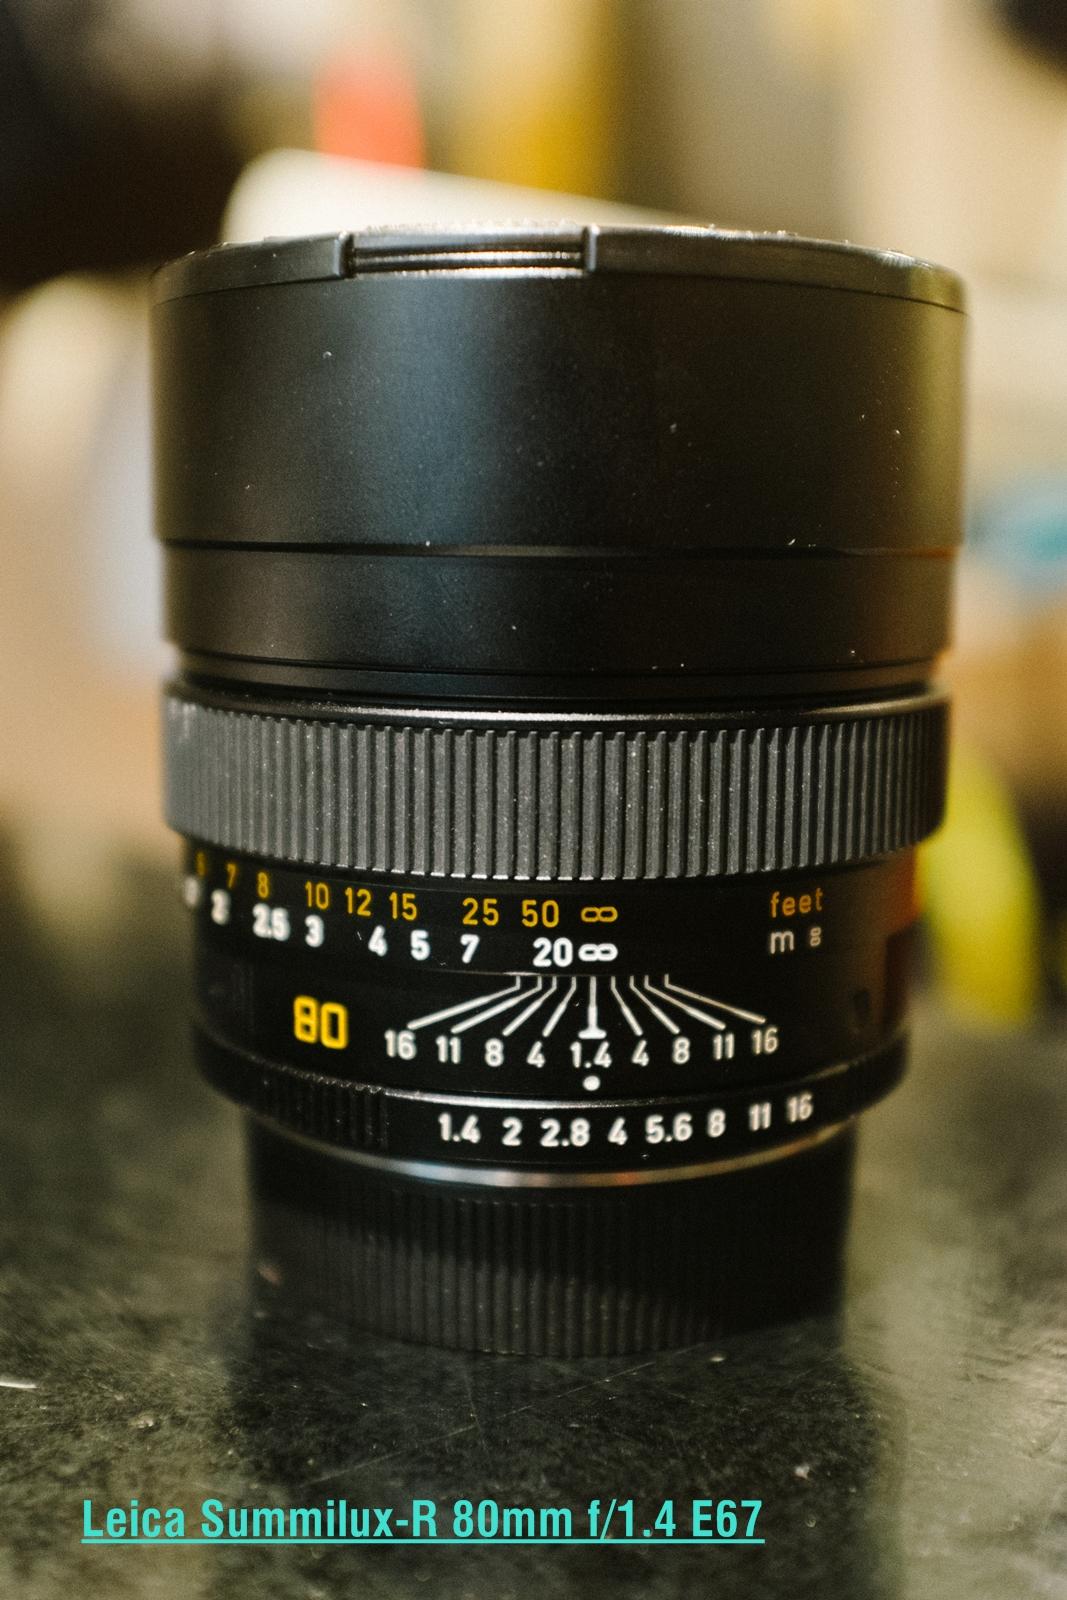 Leica Summilux-R 80mm f/1.4 E67